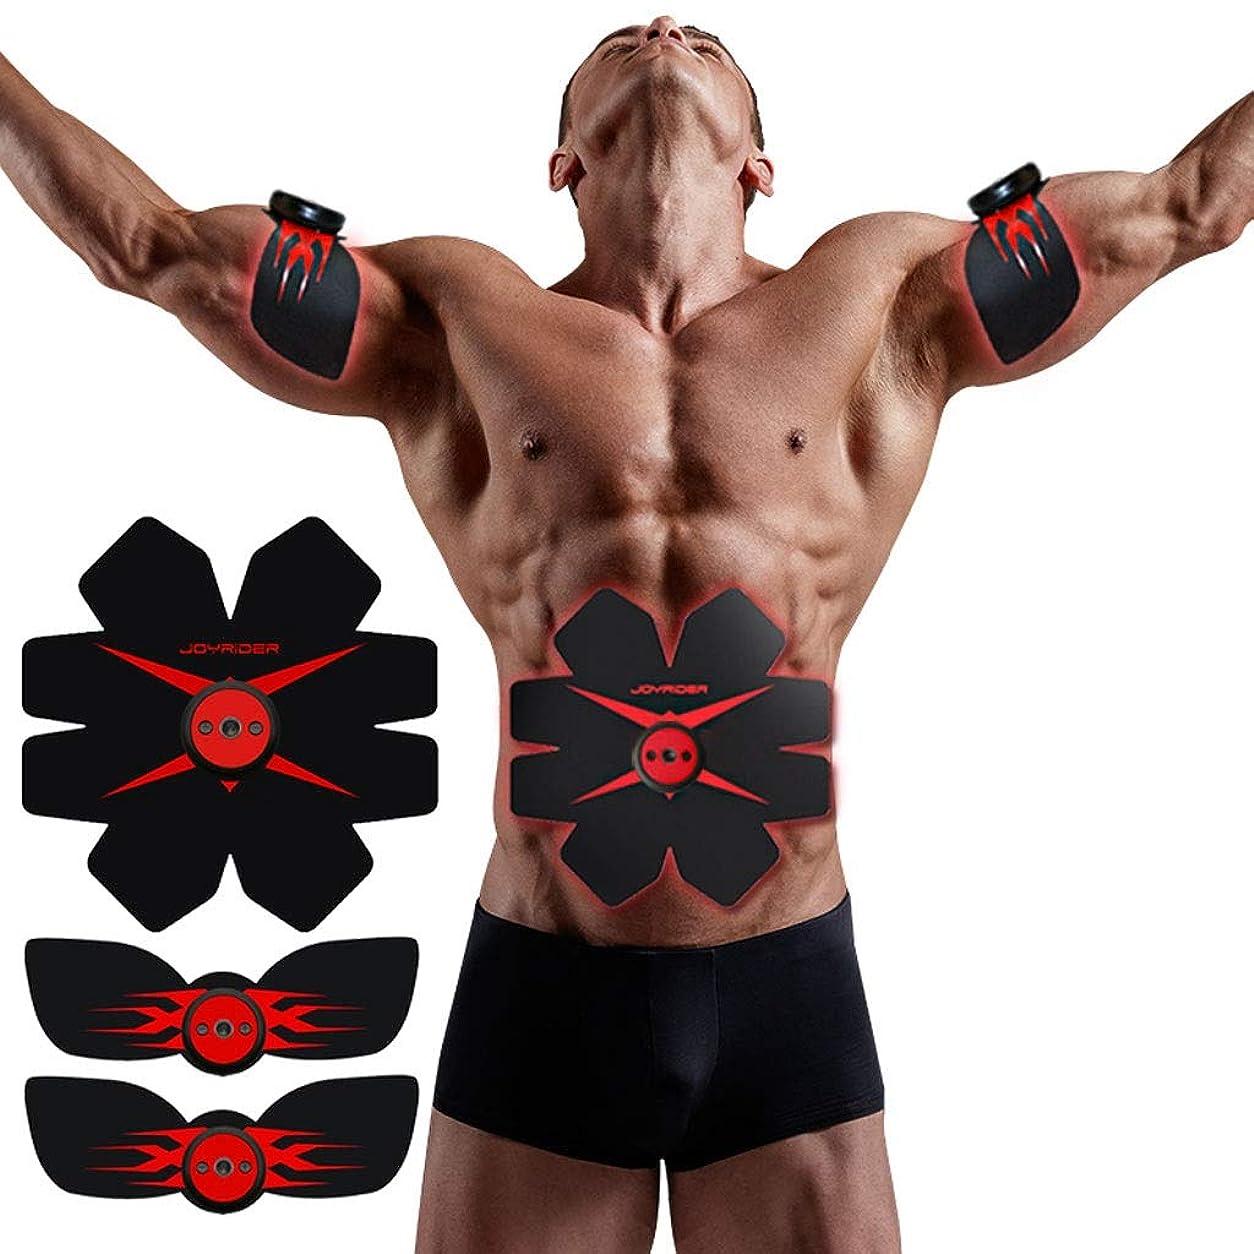 広告教凍結EMS AbsトレーナーAbベルト、腹部調色ベルト、腹筋刺激装置、ABSマシンAbベルト調色ジムワークアウトマシン用男性&女性